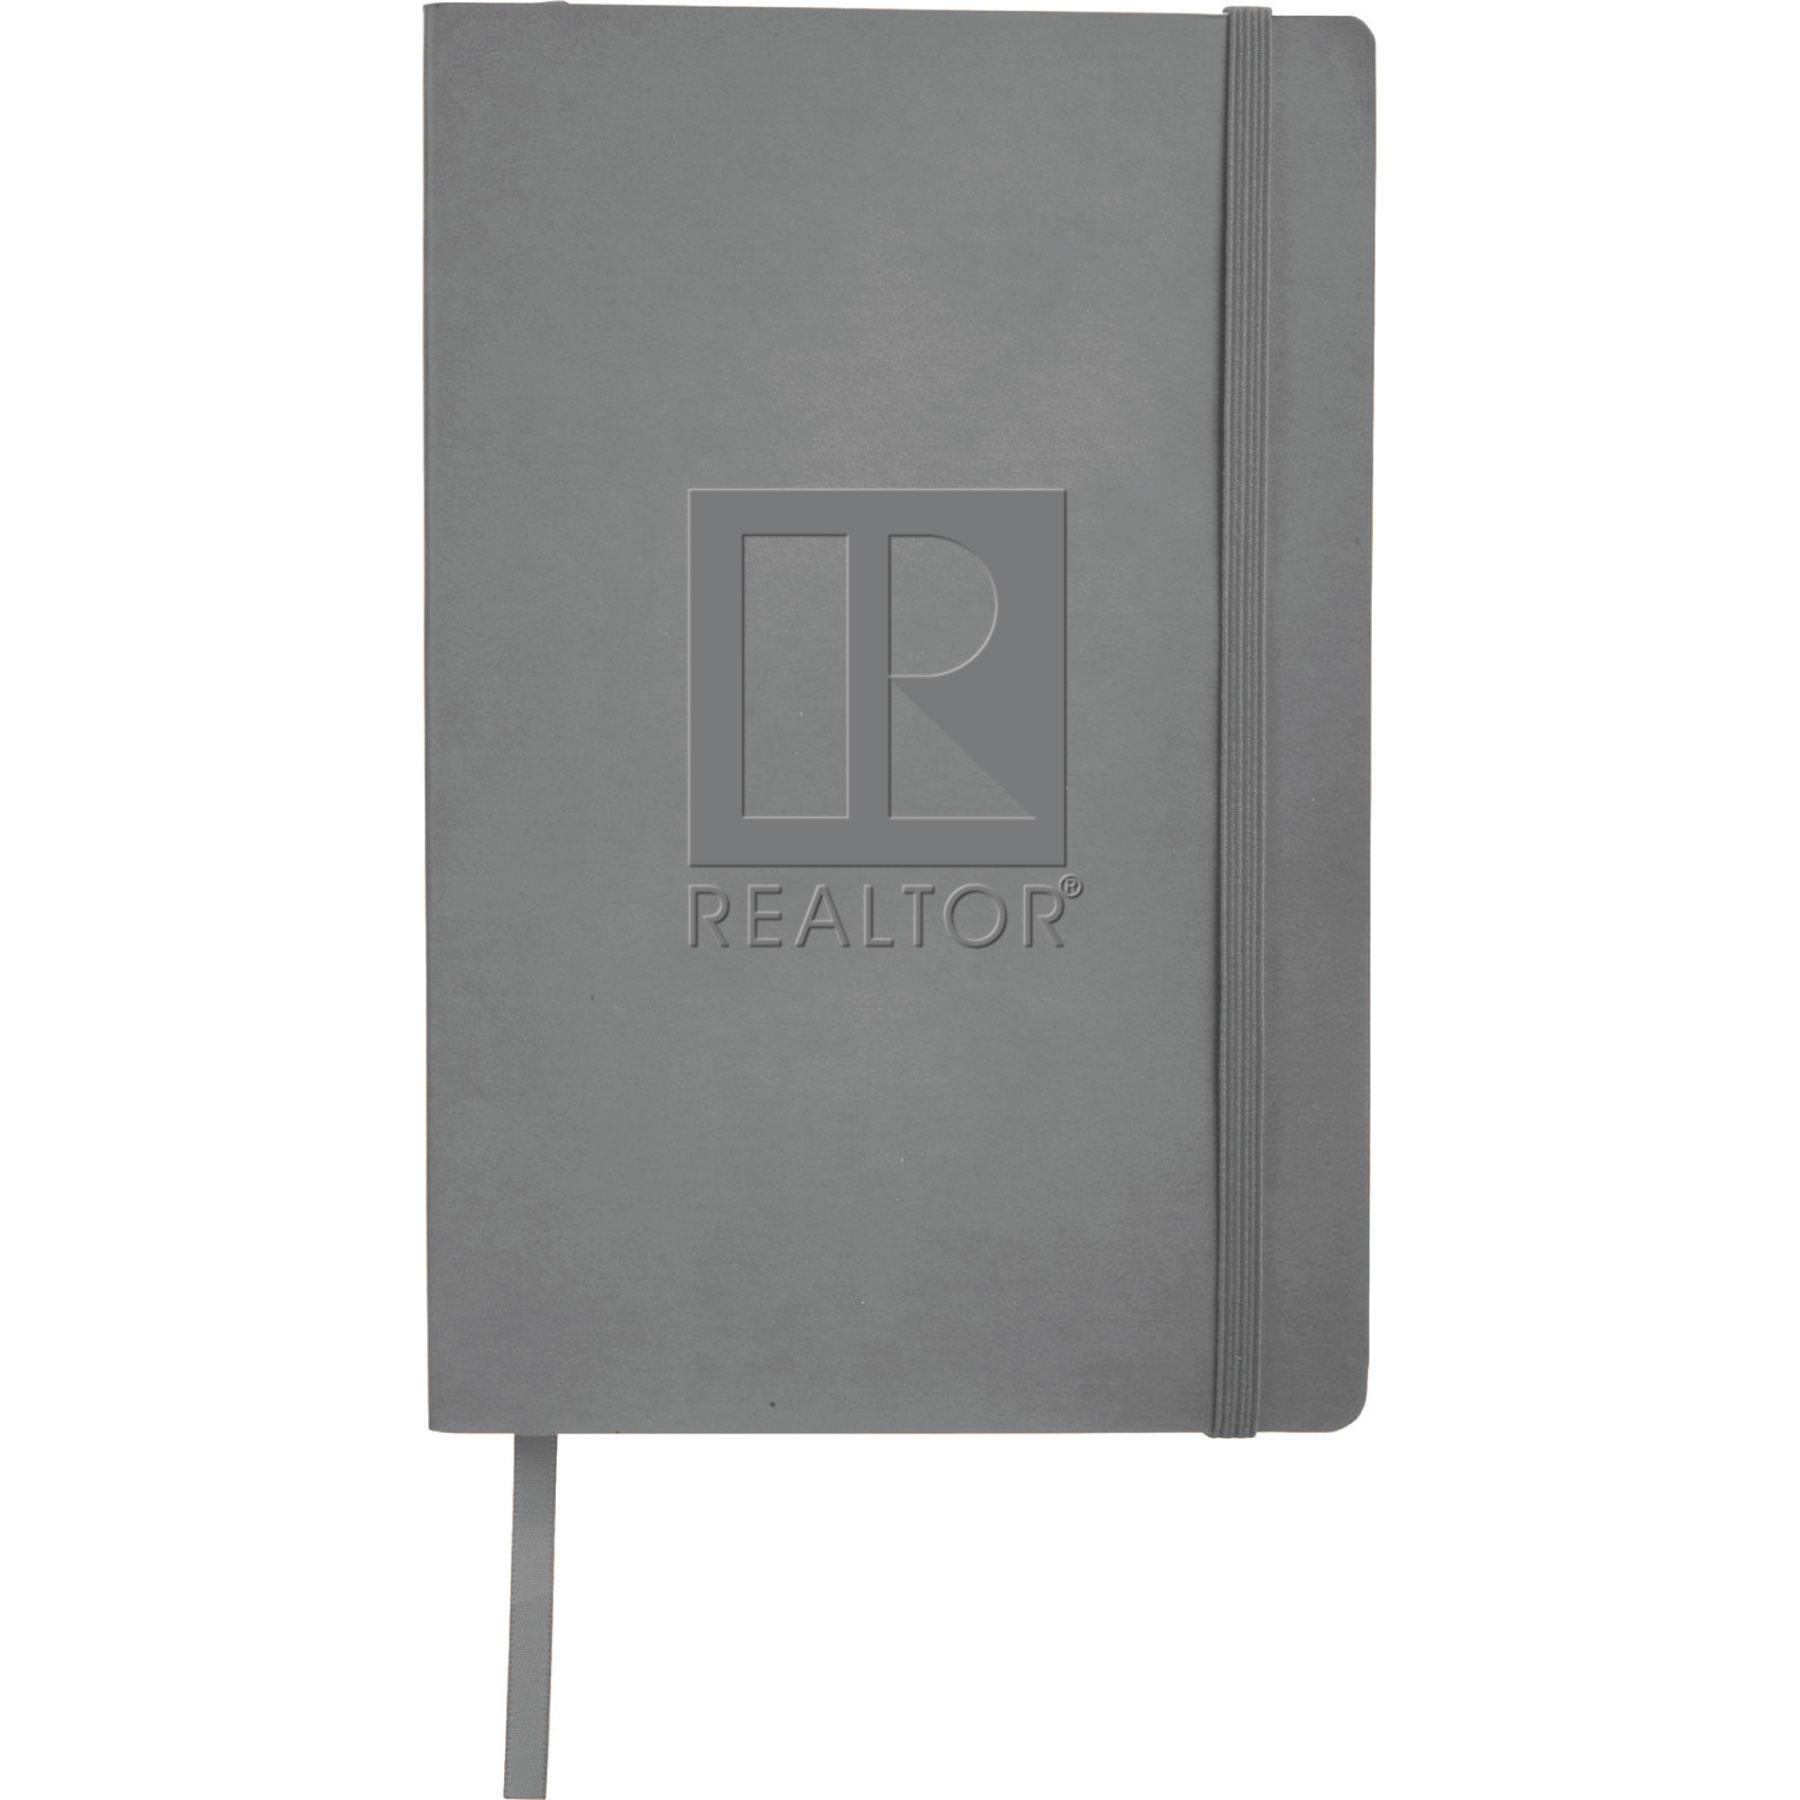 Soft Feel Desk Journal - RTS4675